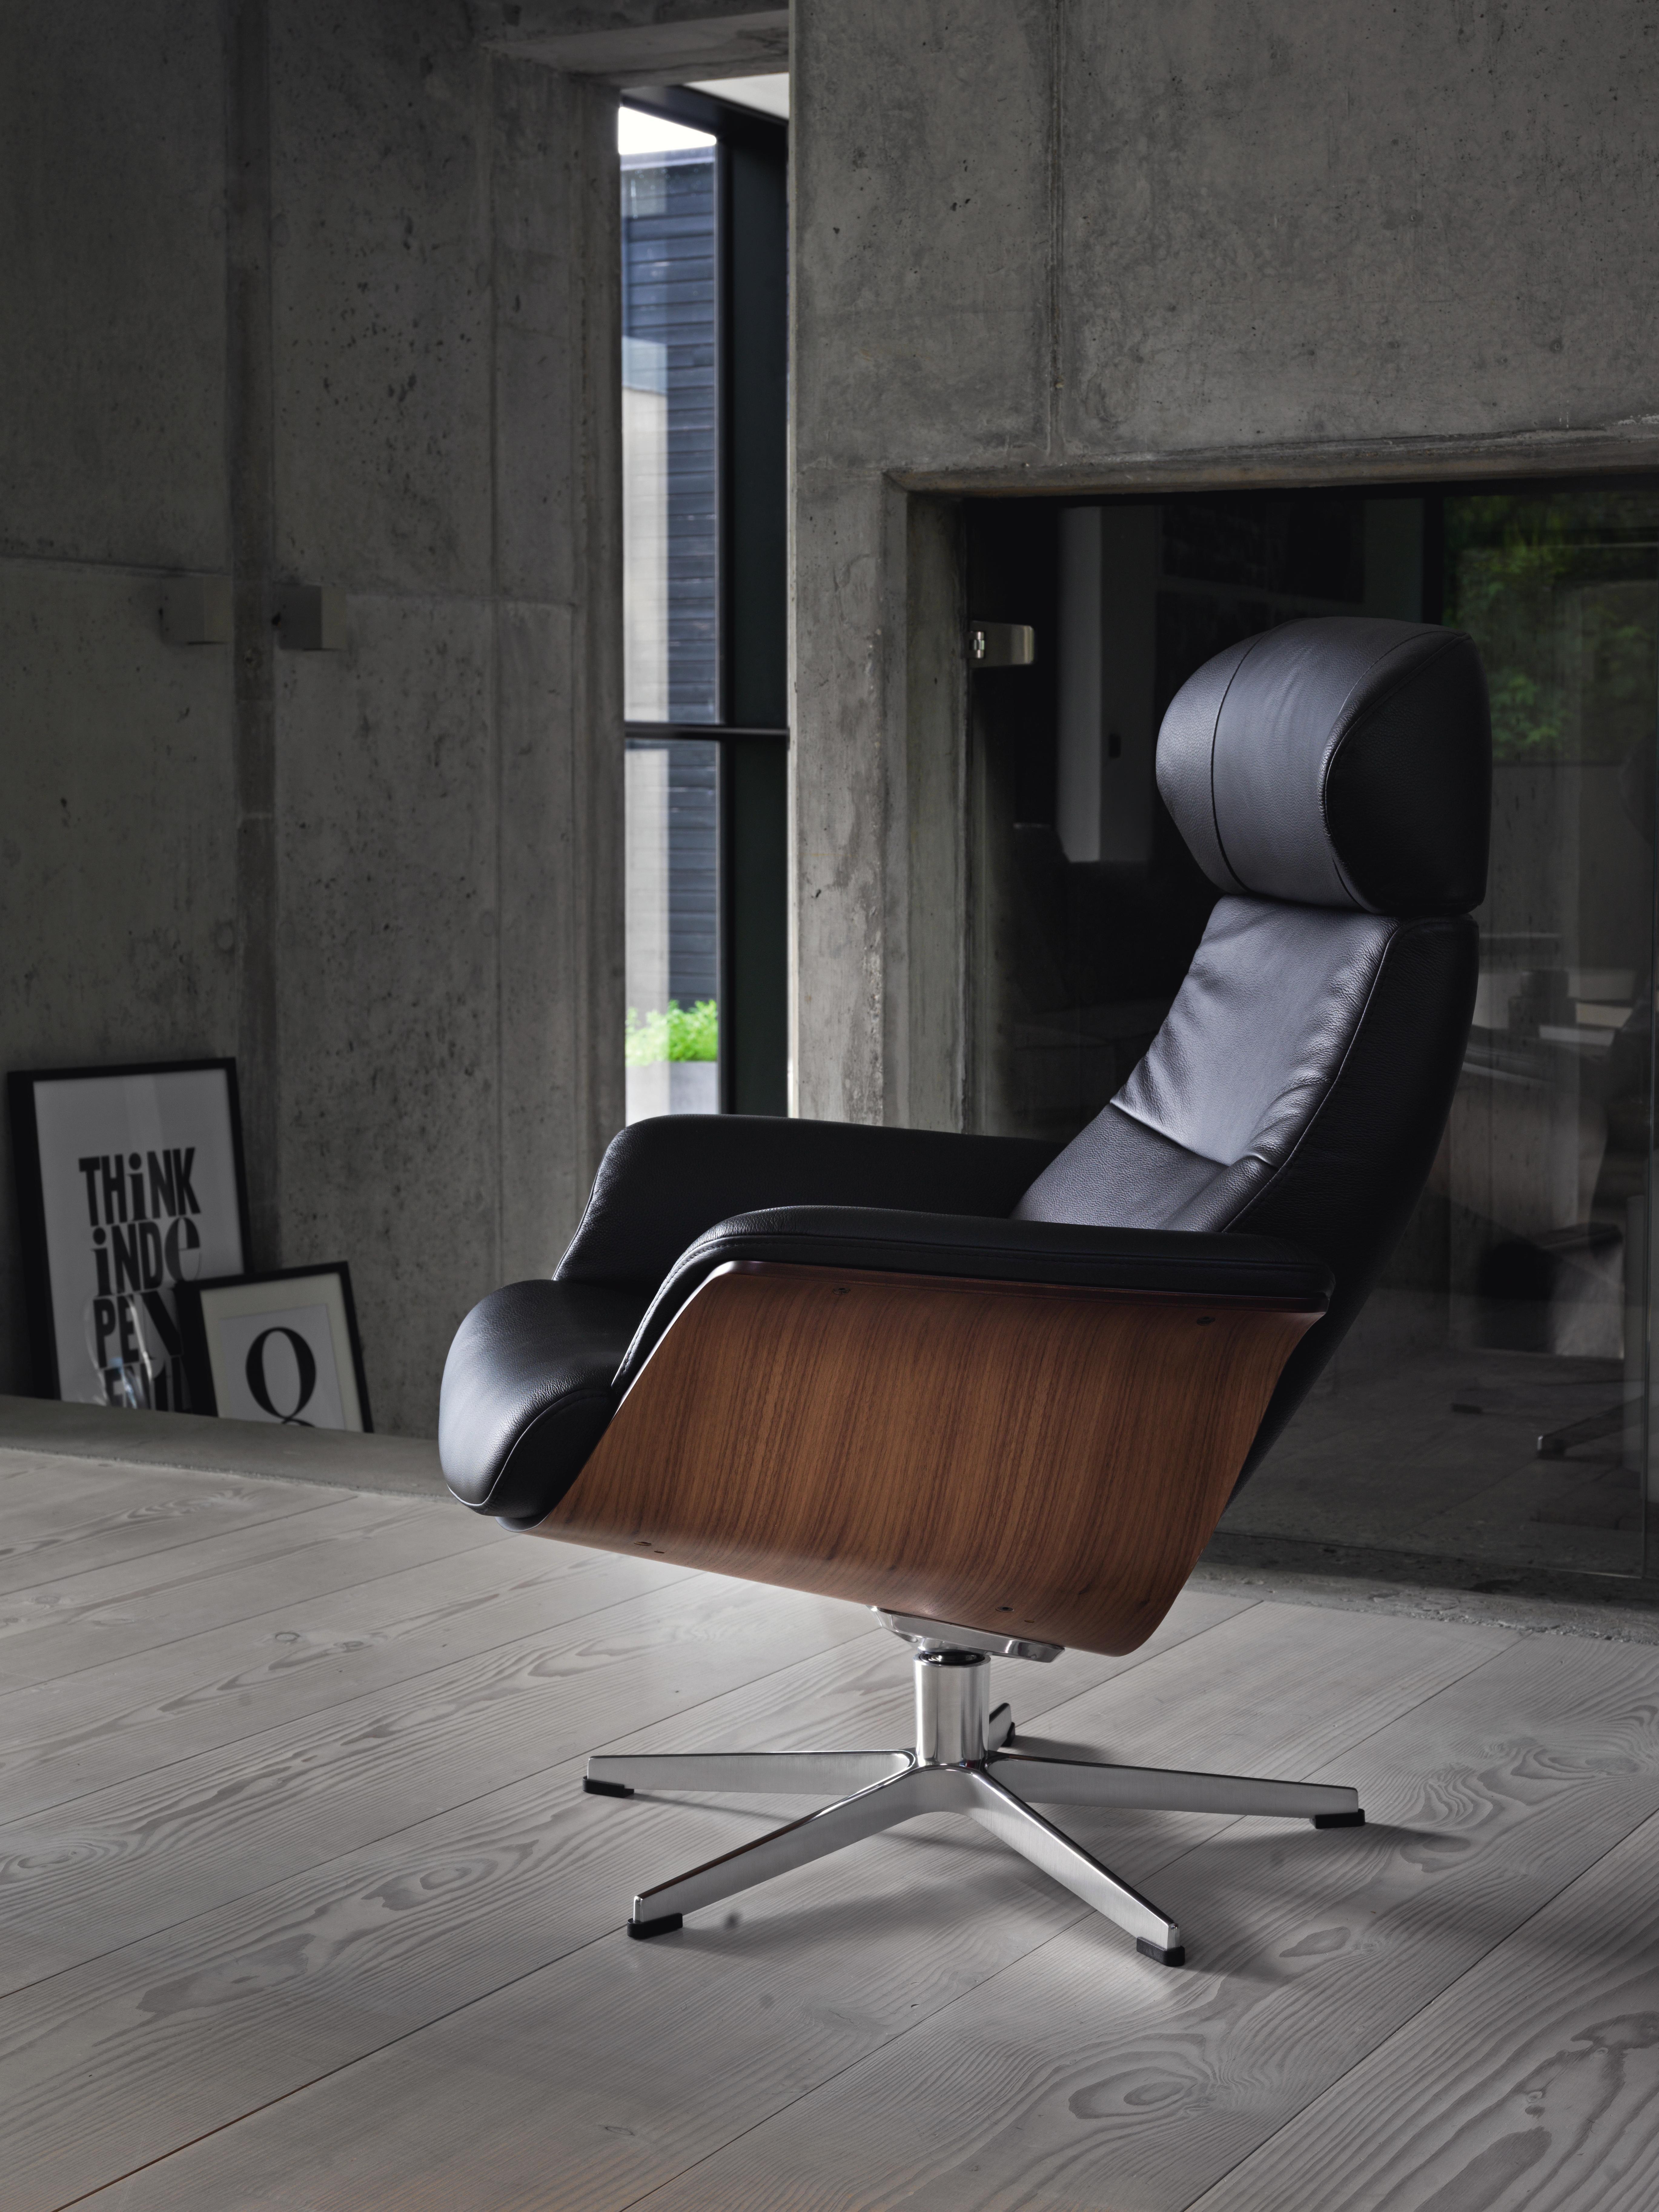 Relaxsessel Der Besonderen Art Die Zusammensetzung Aus Walnussholz Und Leder Verleihen Dem Hochwertig Verarbeiteten Sess Time Out Chair Chair Chairs Armchairs